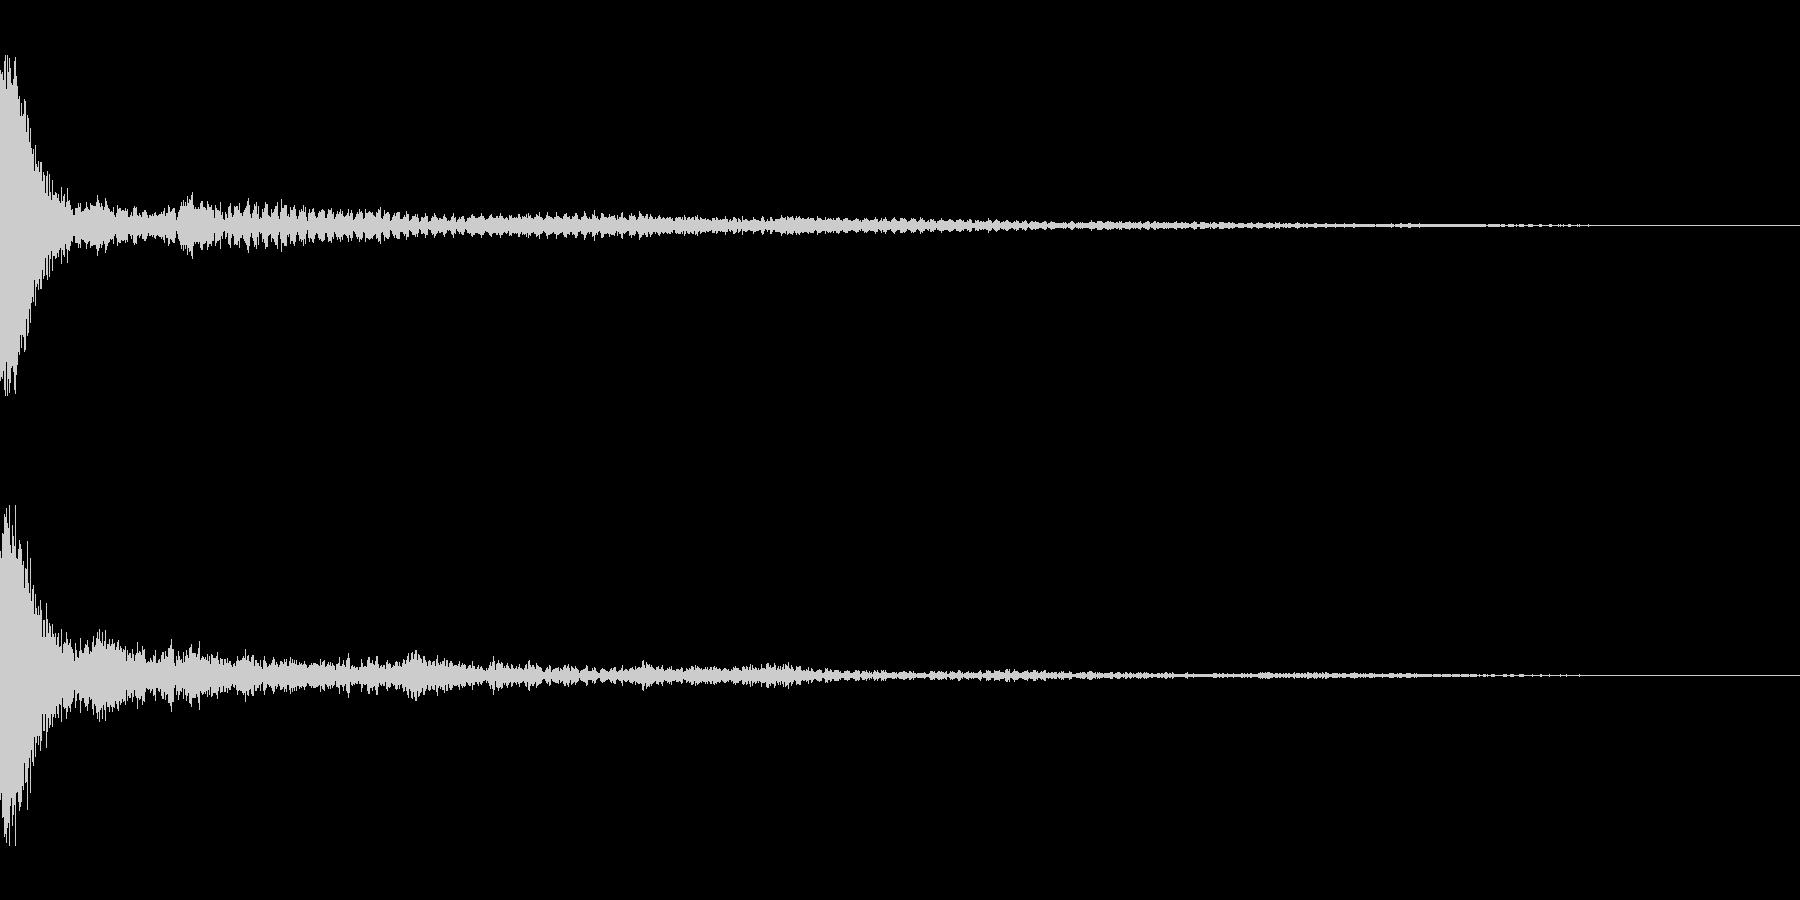 ホラー系アタック音56の未再生の波形